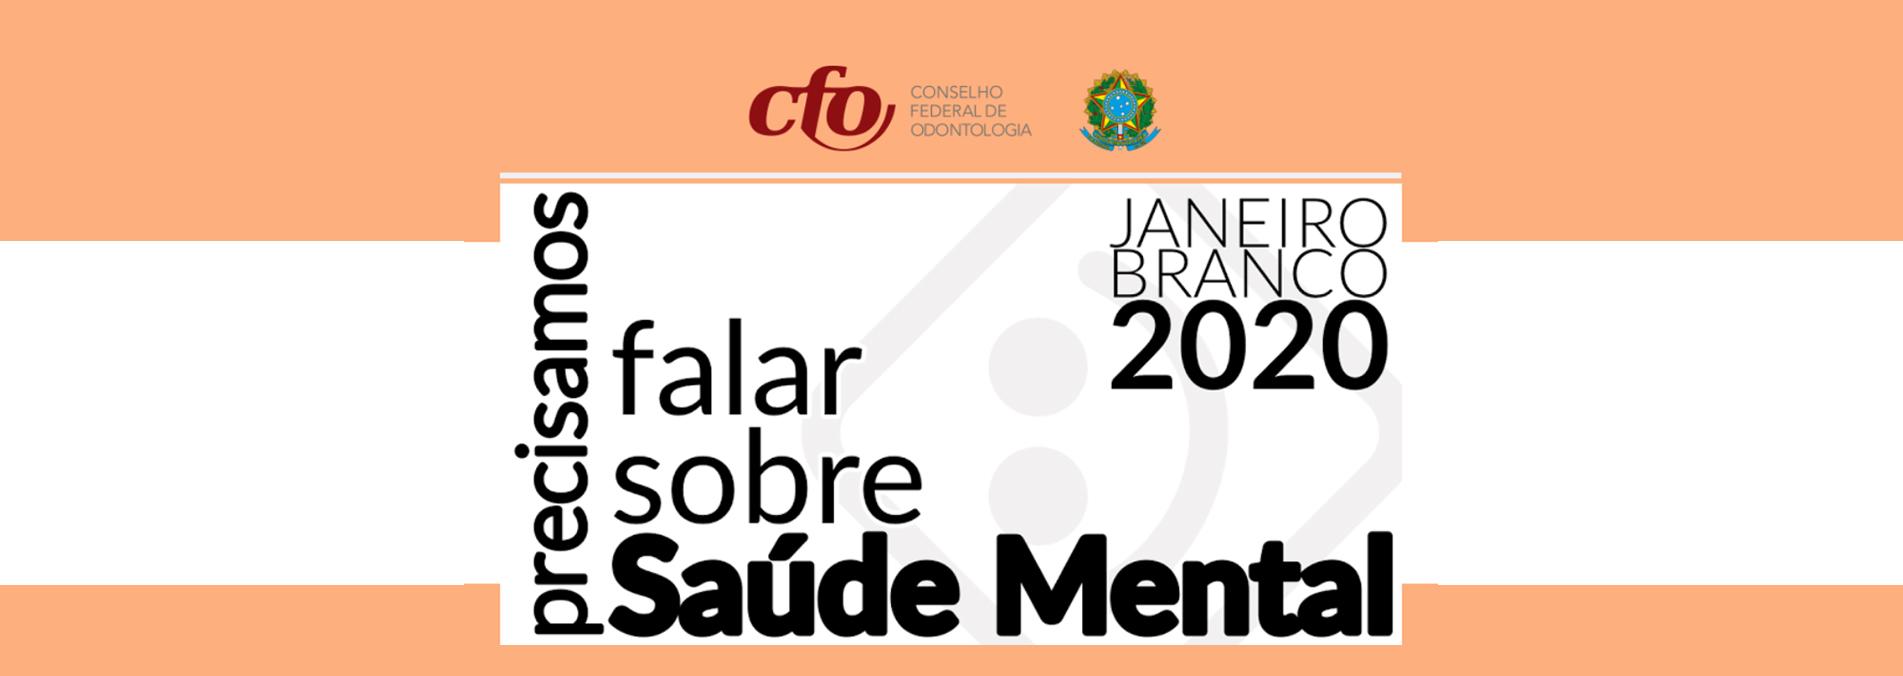 Janeiro Branco: Conselhos de Odontologia apoiam Campanha Mundial de Conscientização à Saúde Mental